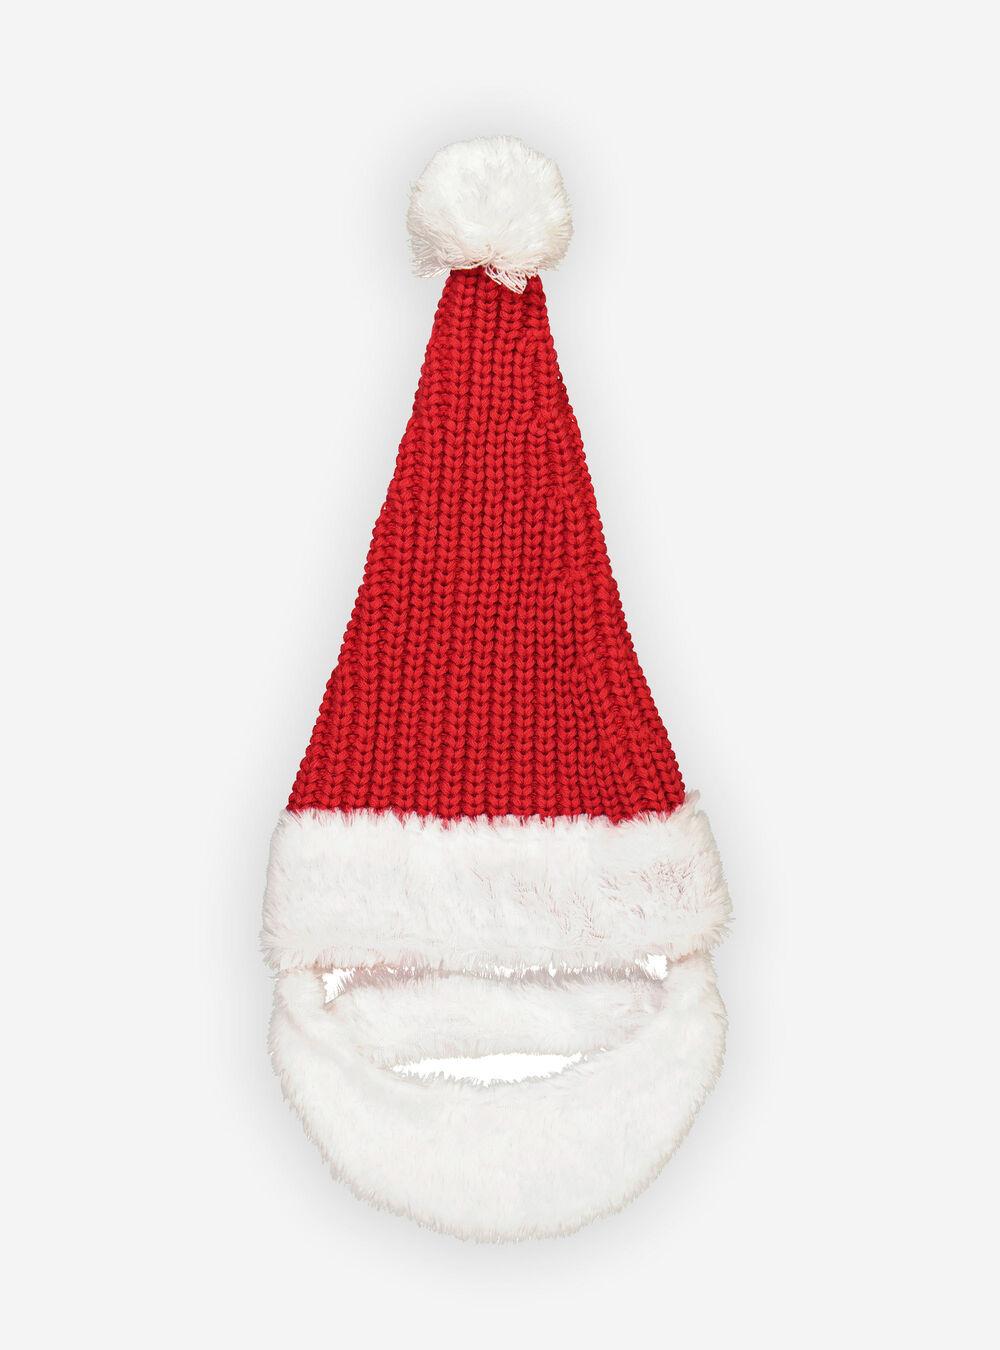 TDCQ Cappello di Natale Lavorato a Maglia,Cappellino Babbo,Cappello Babbo Natale Peluche,Cappellino di Natale Bambini,Cappello Babbo Natale,Cappellini Natale